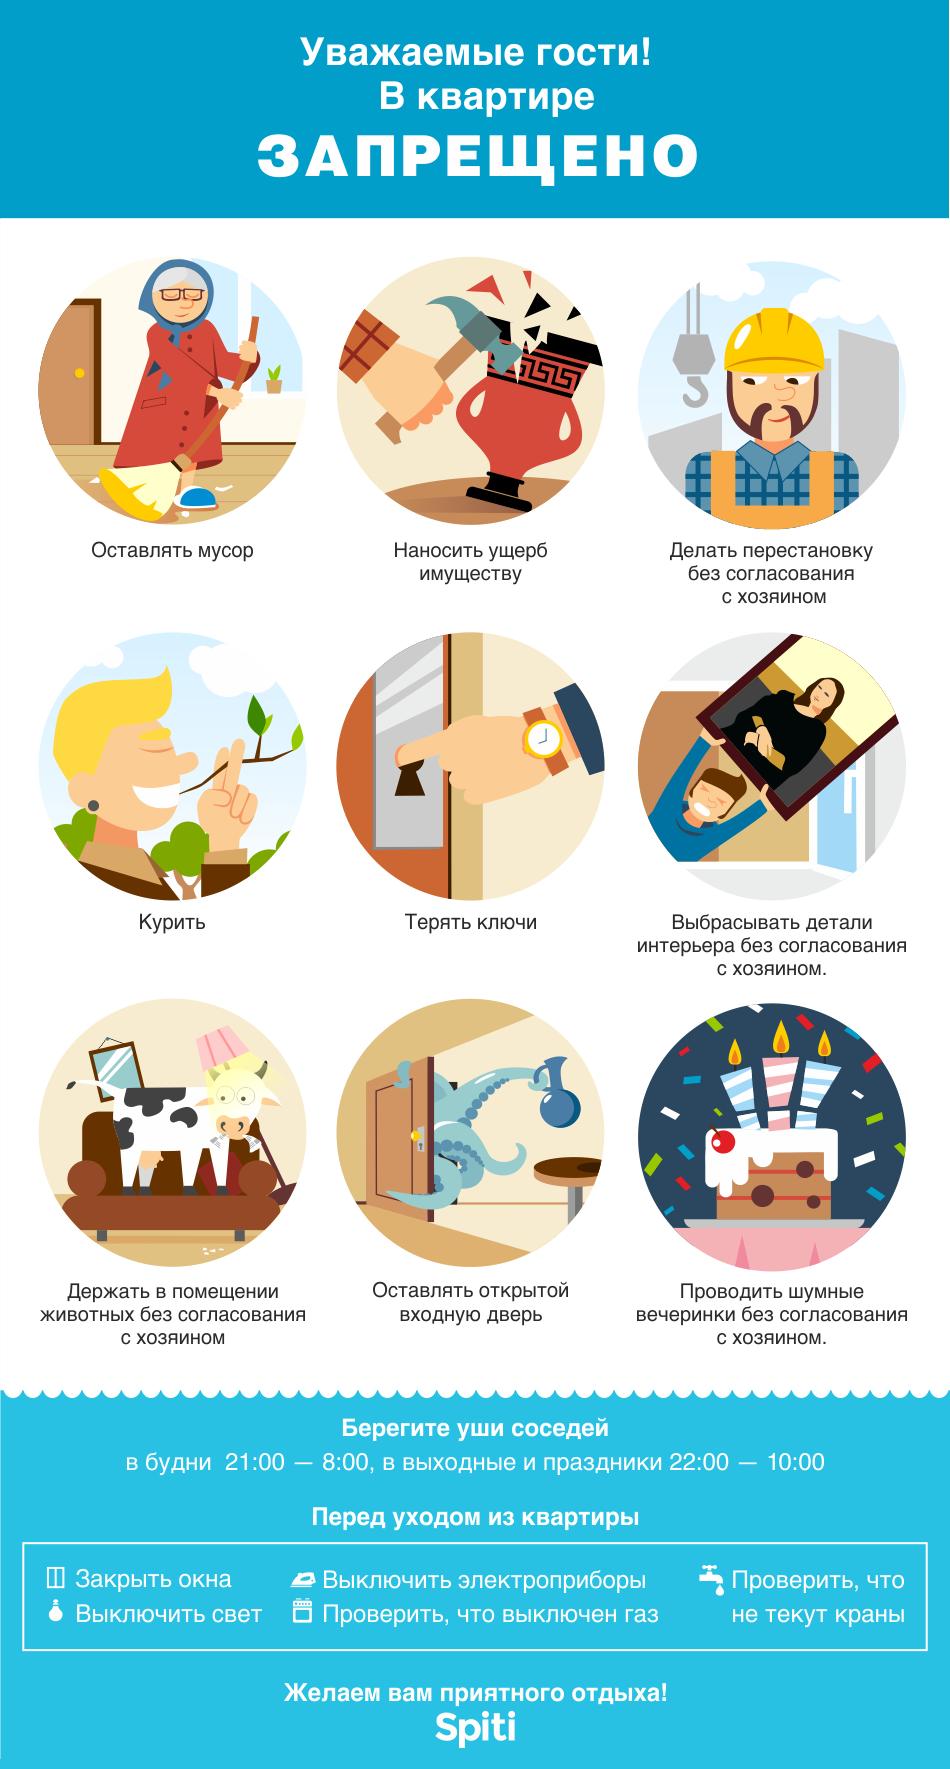 Плакат: правила поведения в съемной квартире